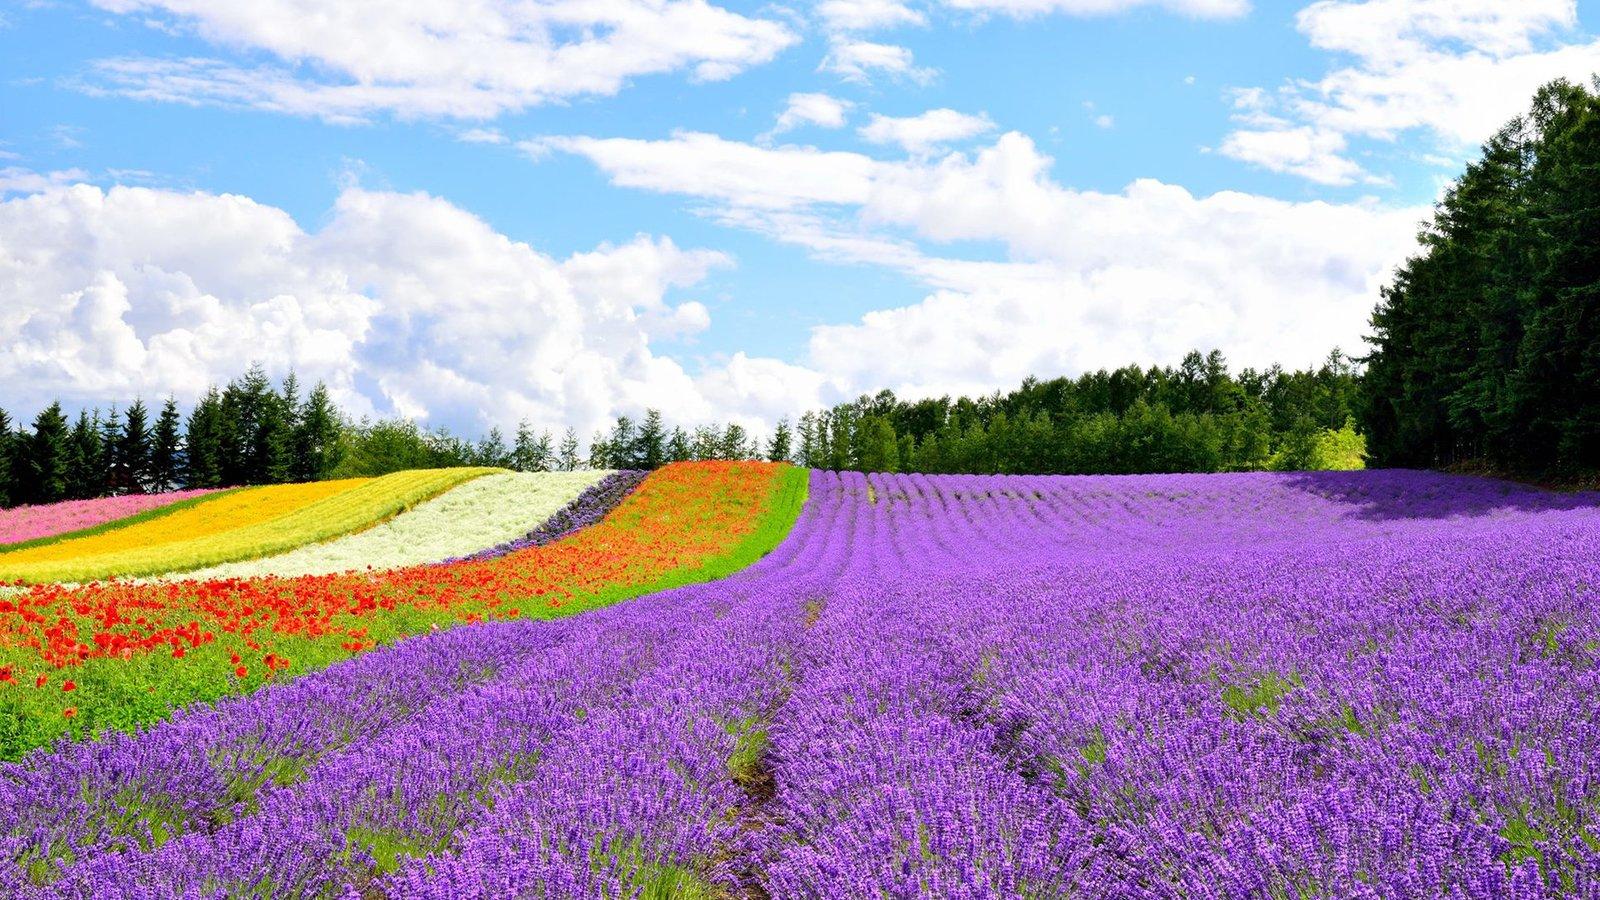 Flower fields in Furano, Hokkaido Japan